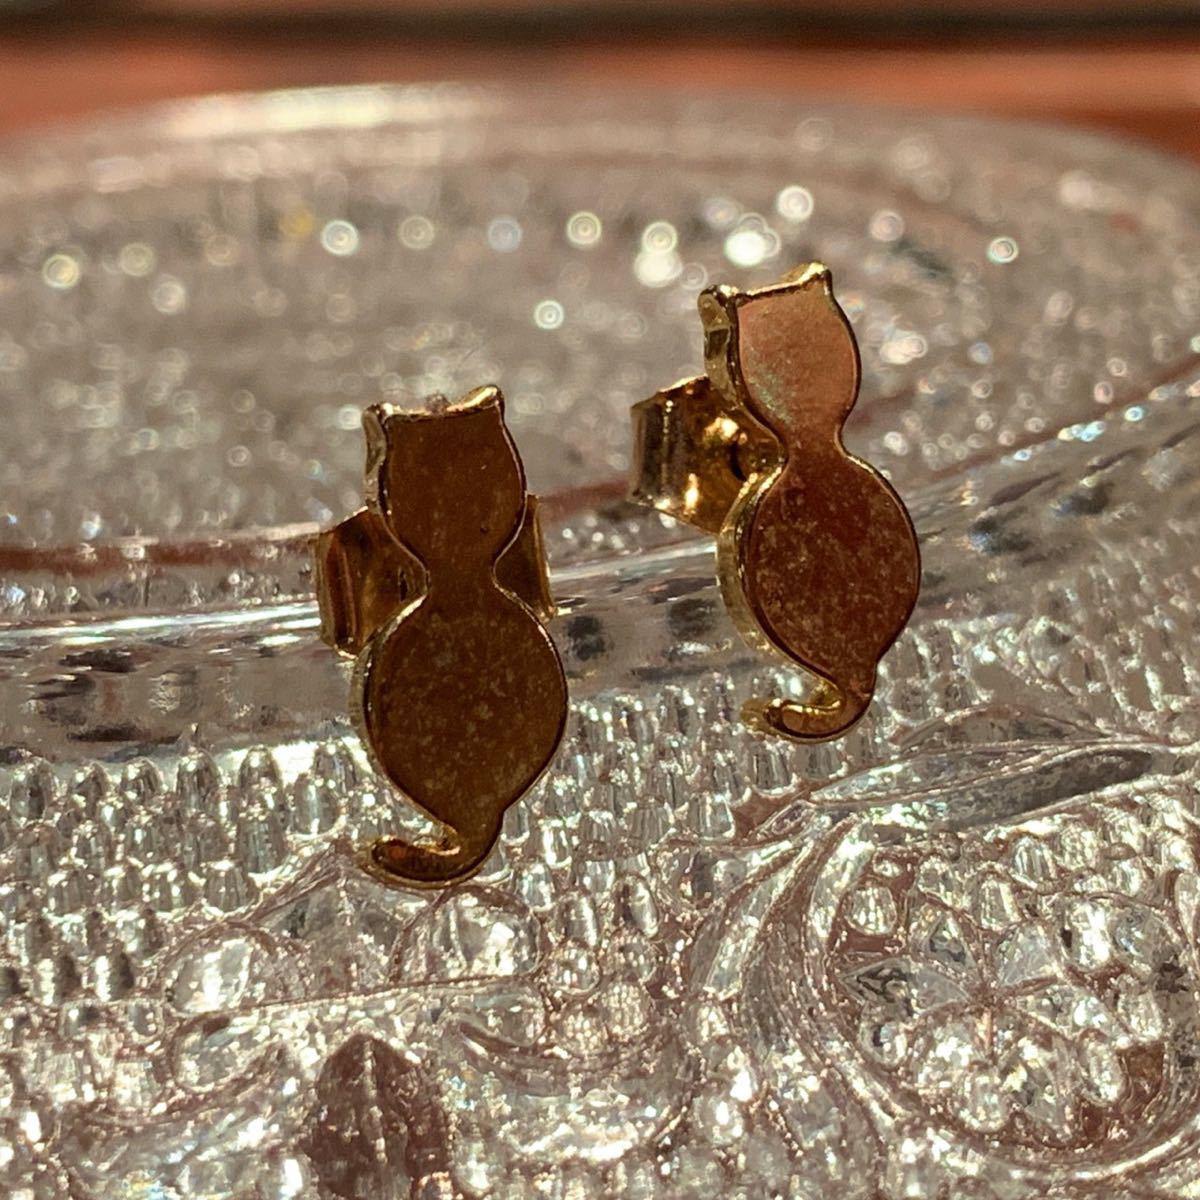 〈新品未使用〉ピアス 猫モチーフ ネコ ゴールドカラー 真鍮 ハンドメイド アクセサリー_画像1